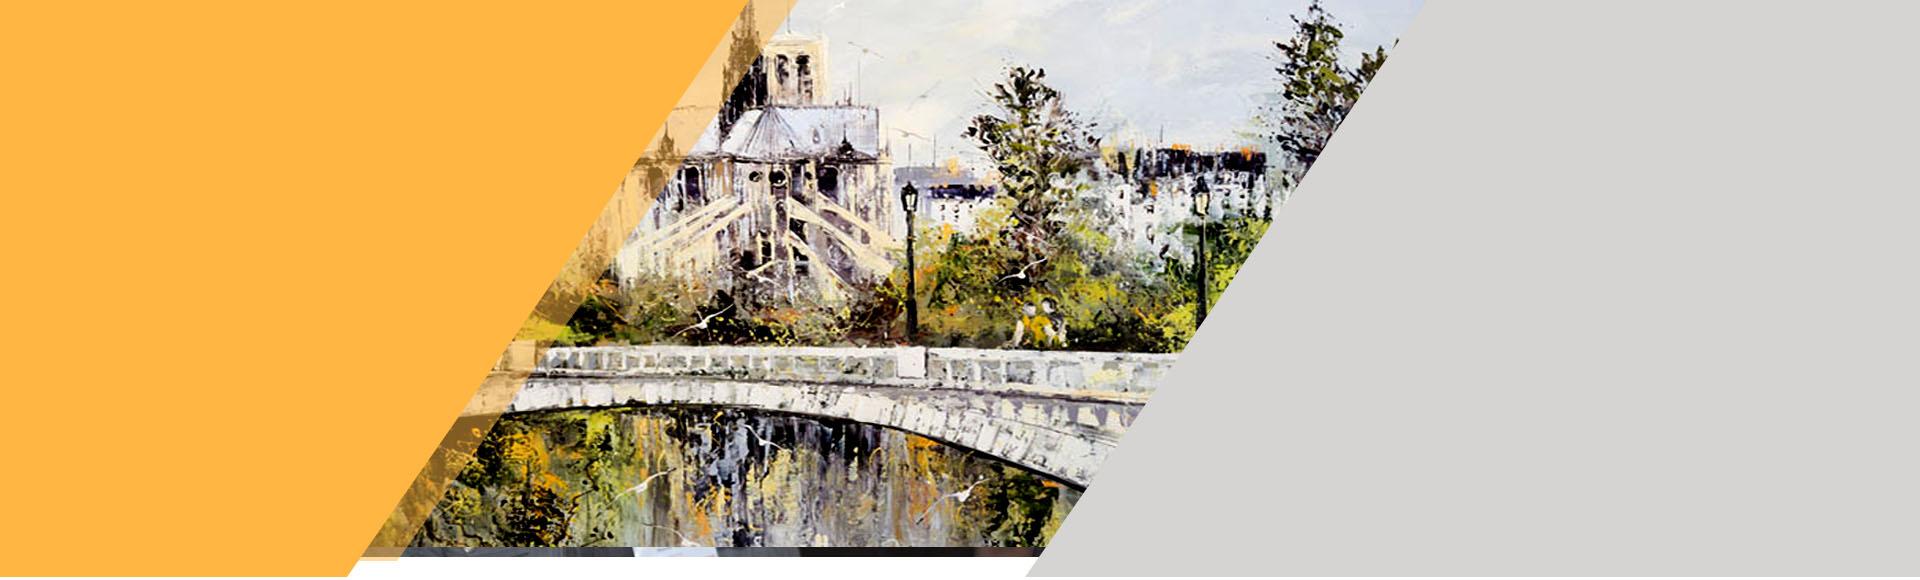 BIENVENUE SUR LE SITE  DE L'ACADÉMIE EUROPÉENNE DES ARTS-FRANCE